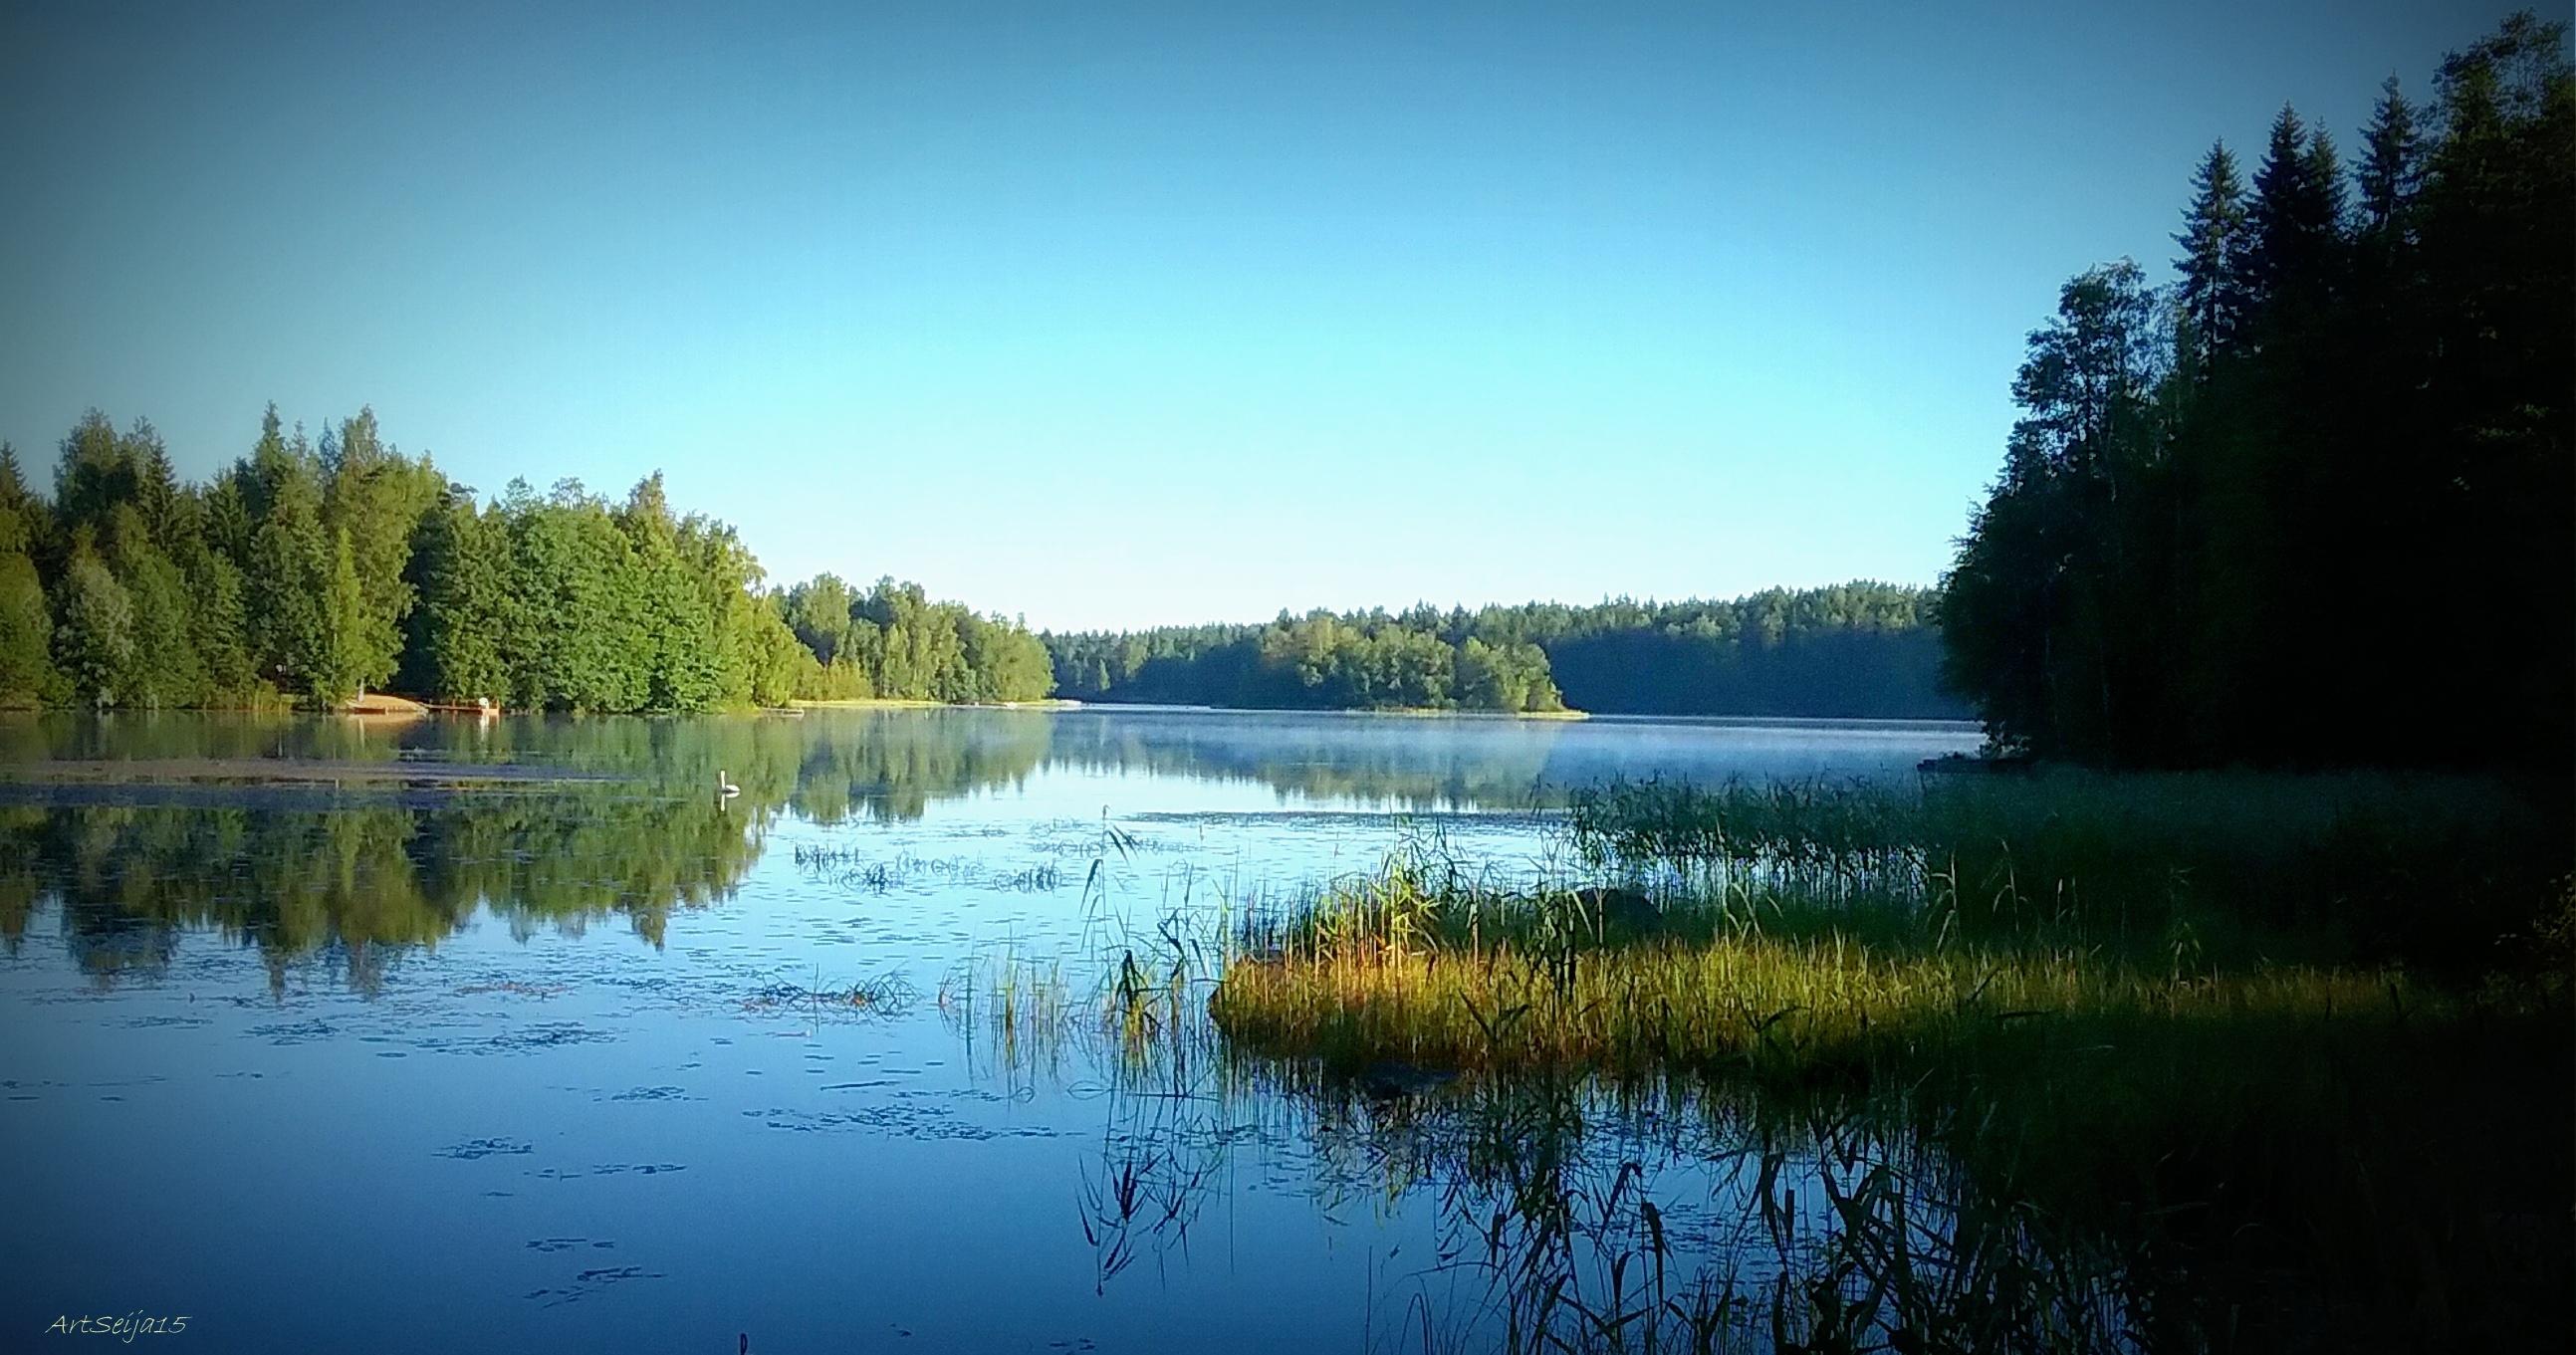 Mökkijärvellä: Lahmajärvi, Urjala